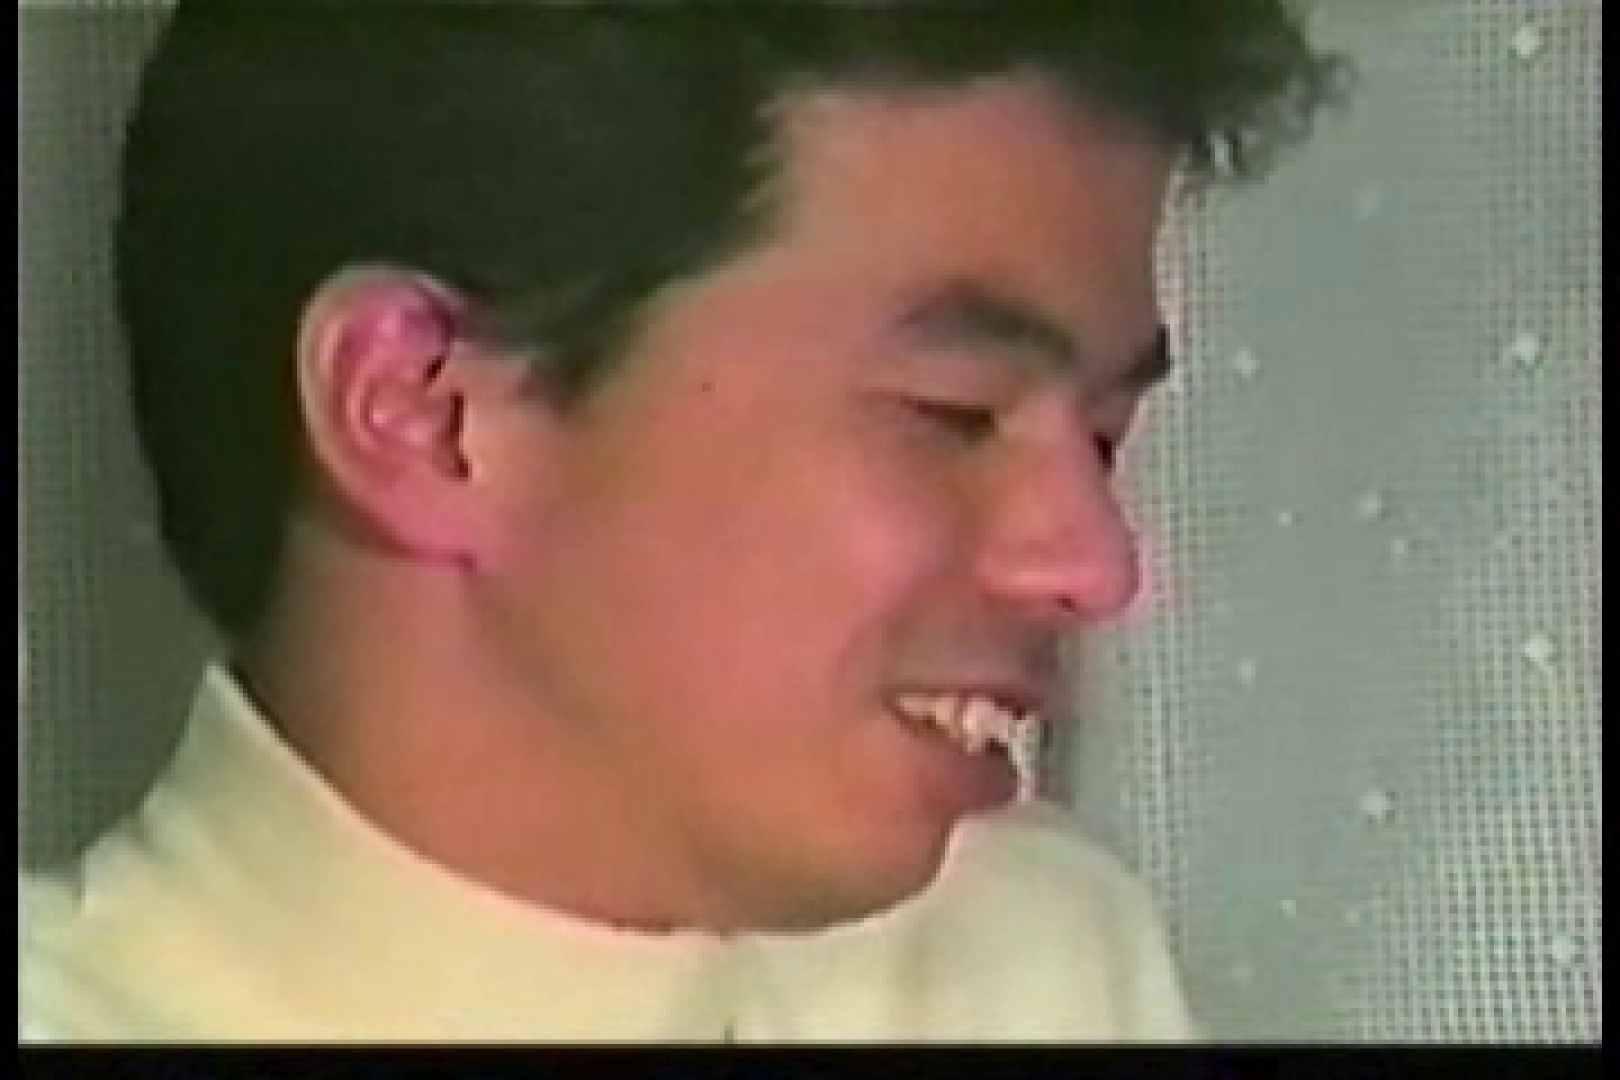 【流出投稿】若きあの頃の思ひでSEX! 流出特集 ゲイエロ動画 109枚 8